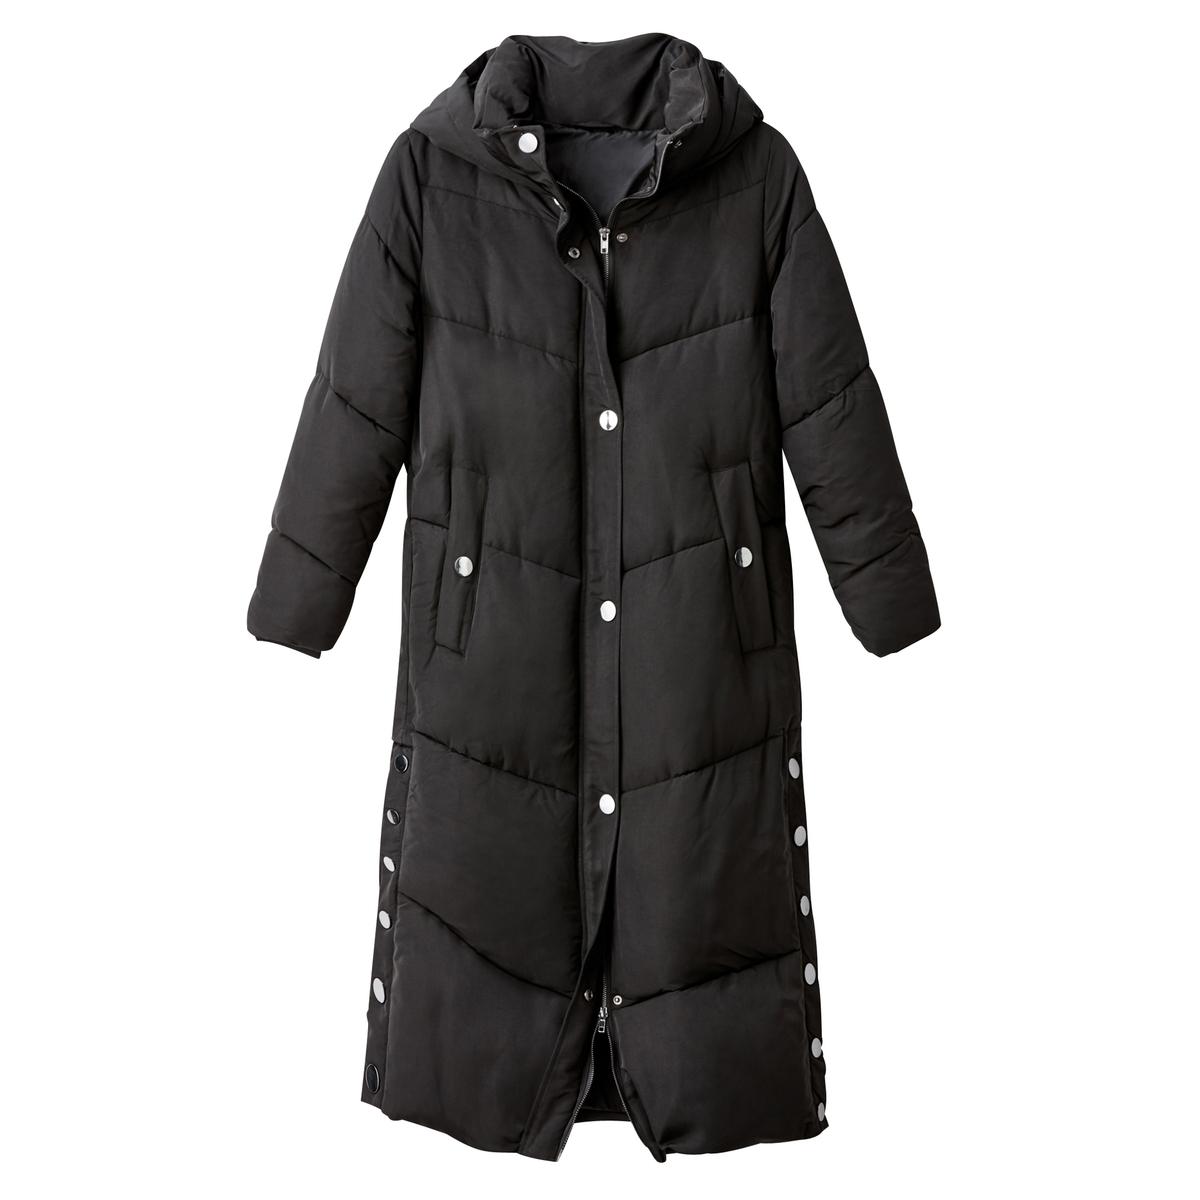 Куртка стеганая экстра длинная с капюшономОписание:Экстра длинная стеганая куртка отлично защитит вас от холода и дождя этой зимой. Стильная и комфортная теплая стеганая куртка с капюшоном. Детали •  Длина : удлиненная модель •  Капюшон •  Застежка на кнопки •  С капюшономСостав и уход •  100% полиэстер • Не стирать •  Деликатная чистка/без отбеливателей •  Не использовать барабанную сушку   •  Не гладить •  Длина : 120 см •  Очень практичная двойная застежка на молнию •  Боковые разрезы на кнопках<br><br>Цвет: черный<br>Размер: 50 (FR) - 56 (RUS).40 (FR) - 46 (RUS).38 (FR) - 44 (RUS).44 (FR) - 50 (RUS).42 (FR) - 48 (RUS)